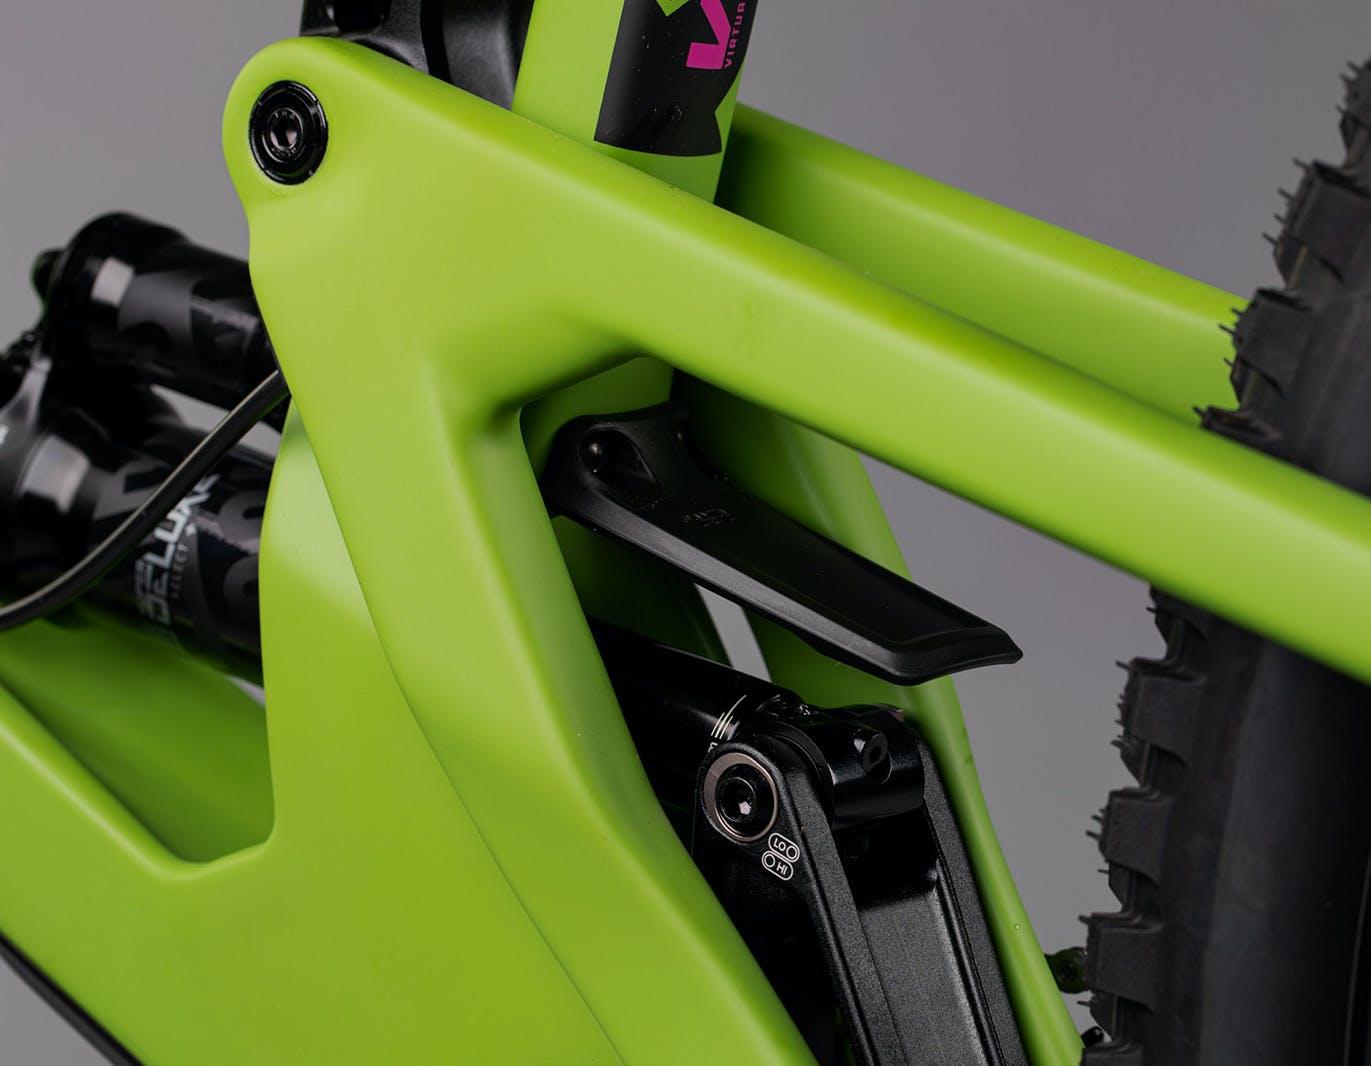 Lower link on adder green Nomad